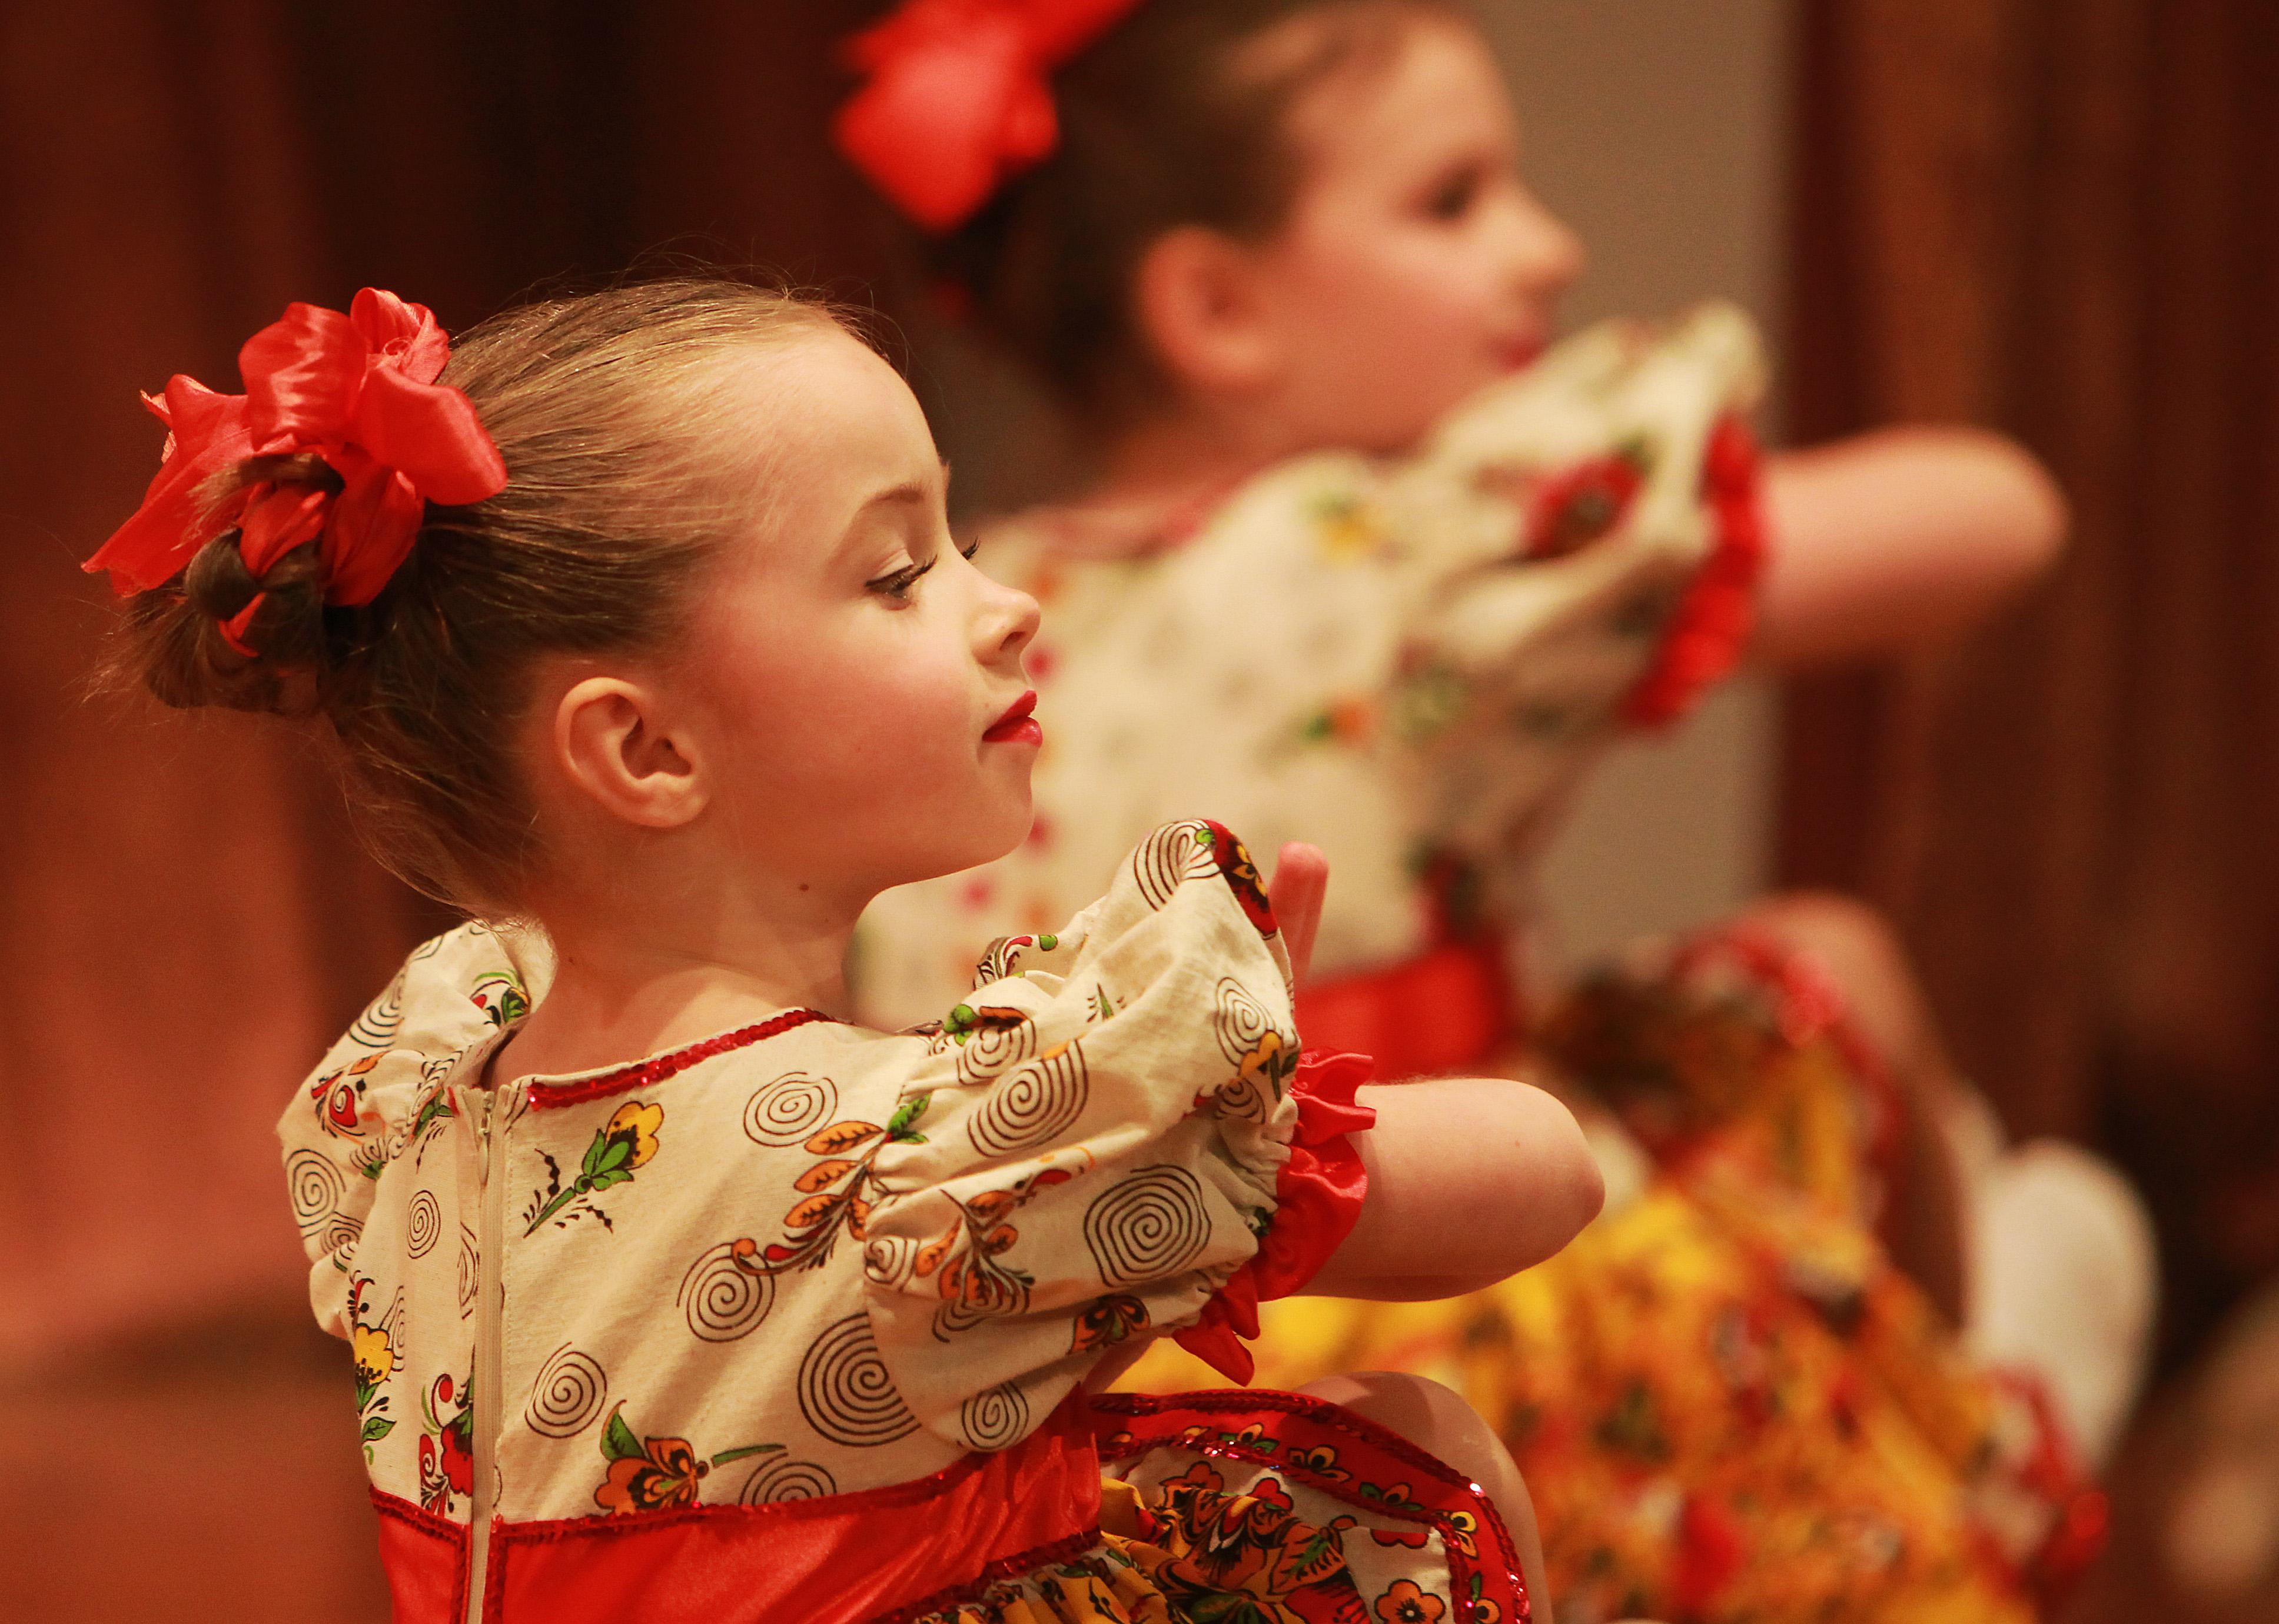 Танцевальный мастер-класс для детей представят в «Эльбрусе»